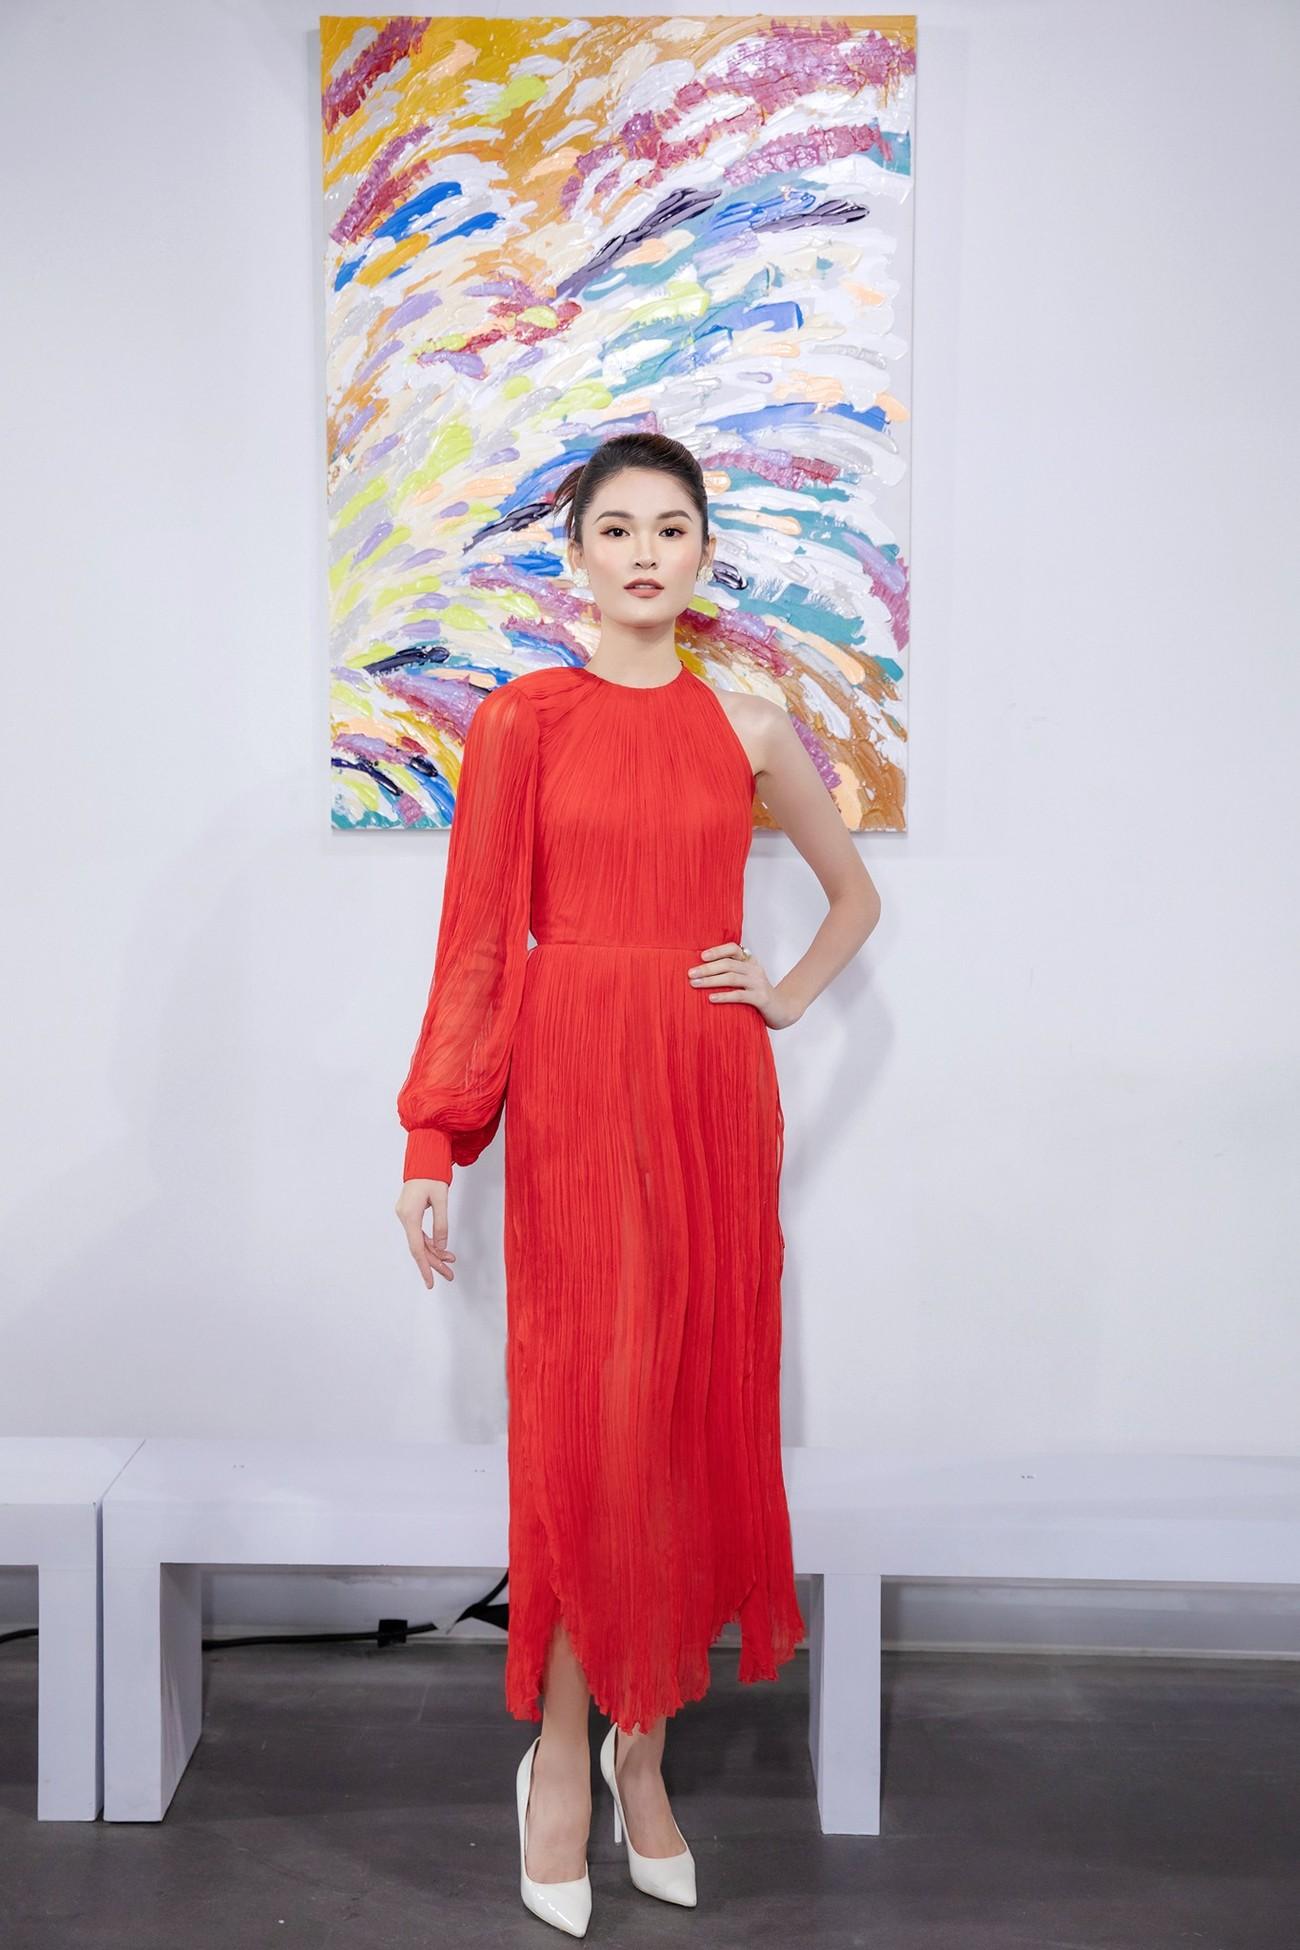 Tiểu Vy, Lương Thuỳ Linh diện váy cắt xẻ táo bạo khoe đường cong đẹp mắt ảnh 7